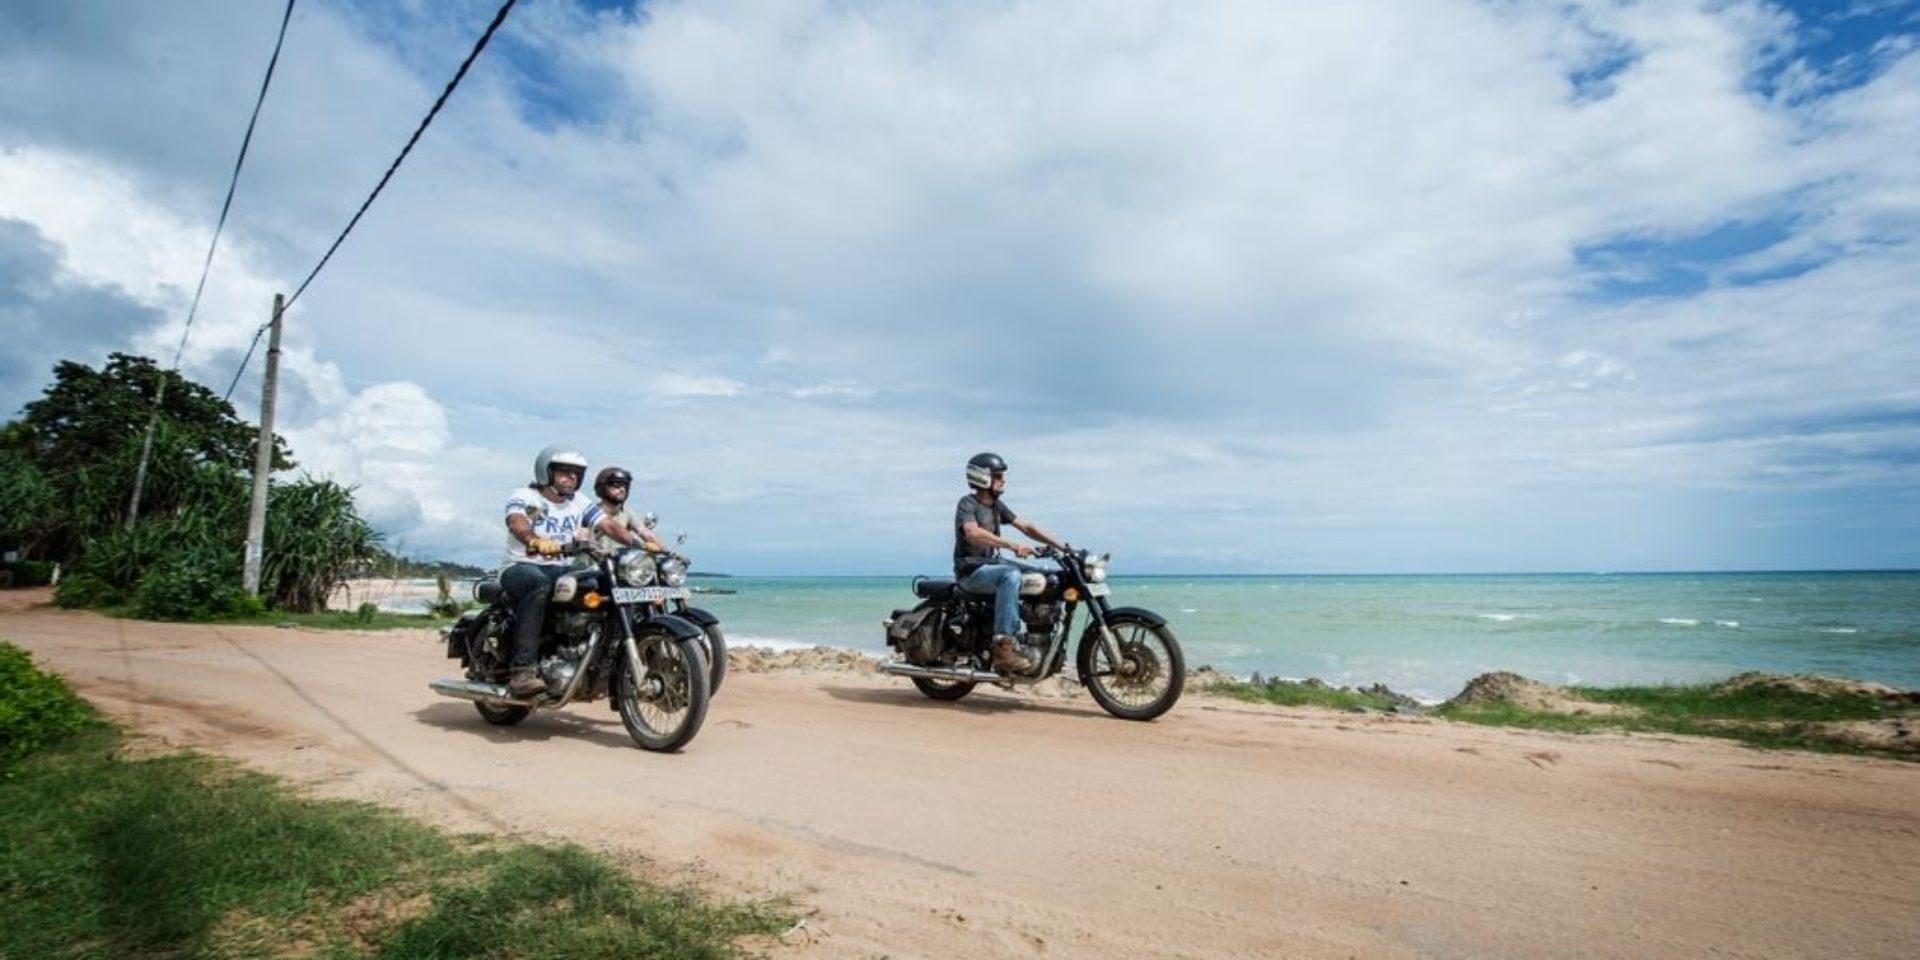 voyage-moto-srilanka-gal1